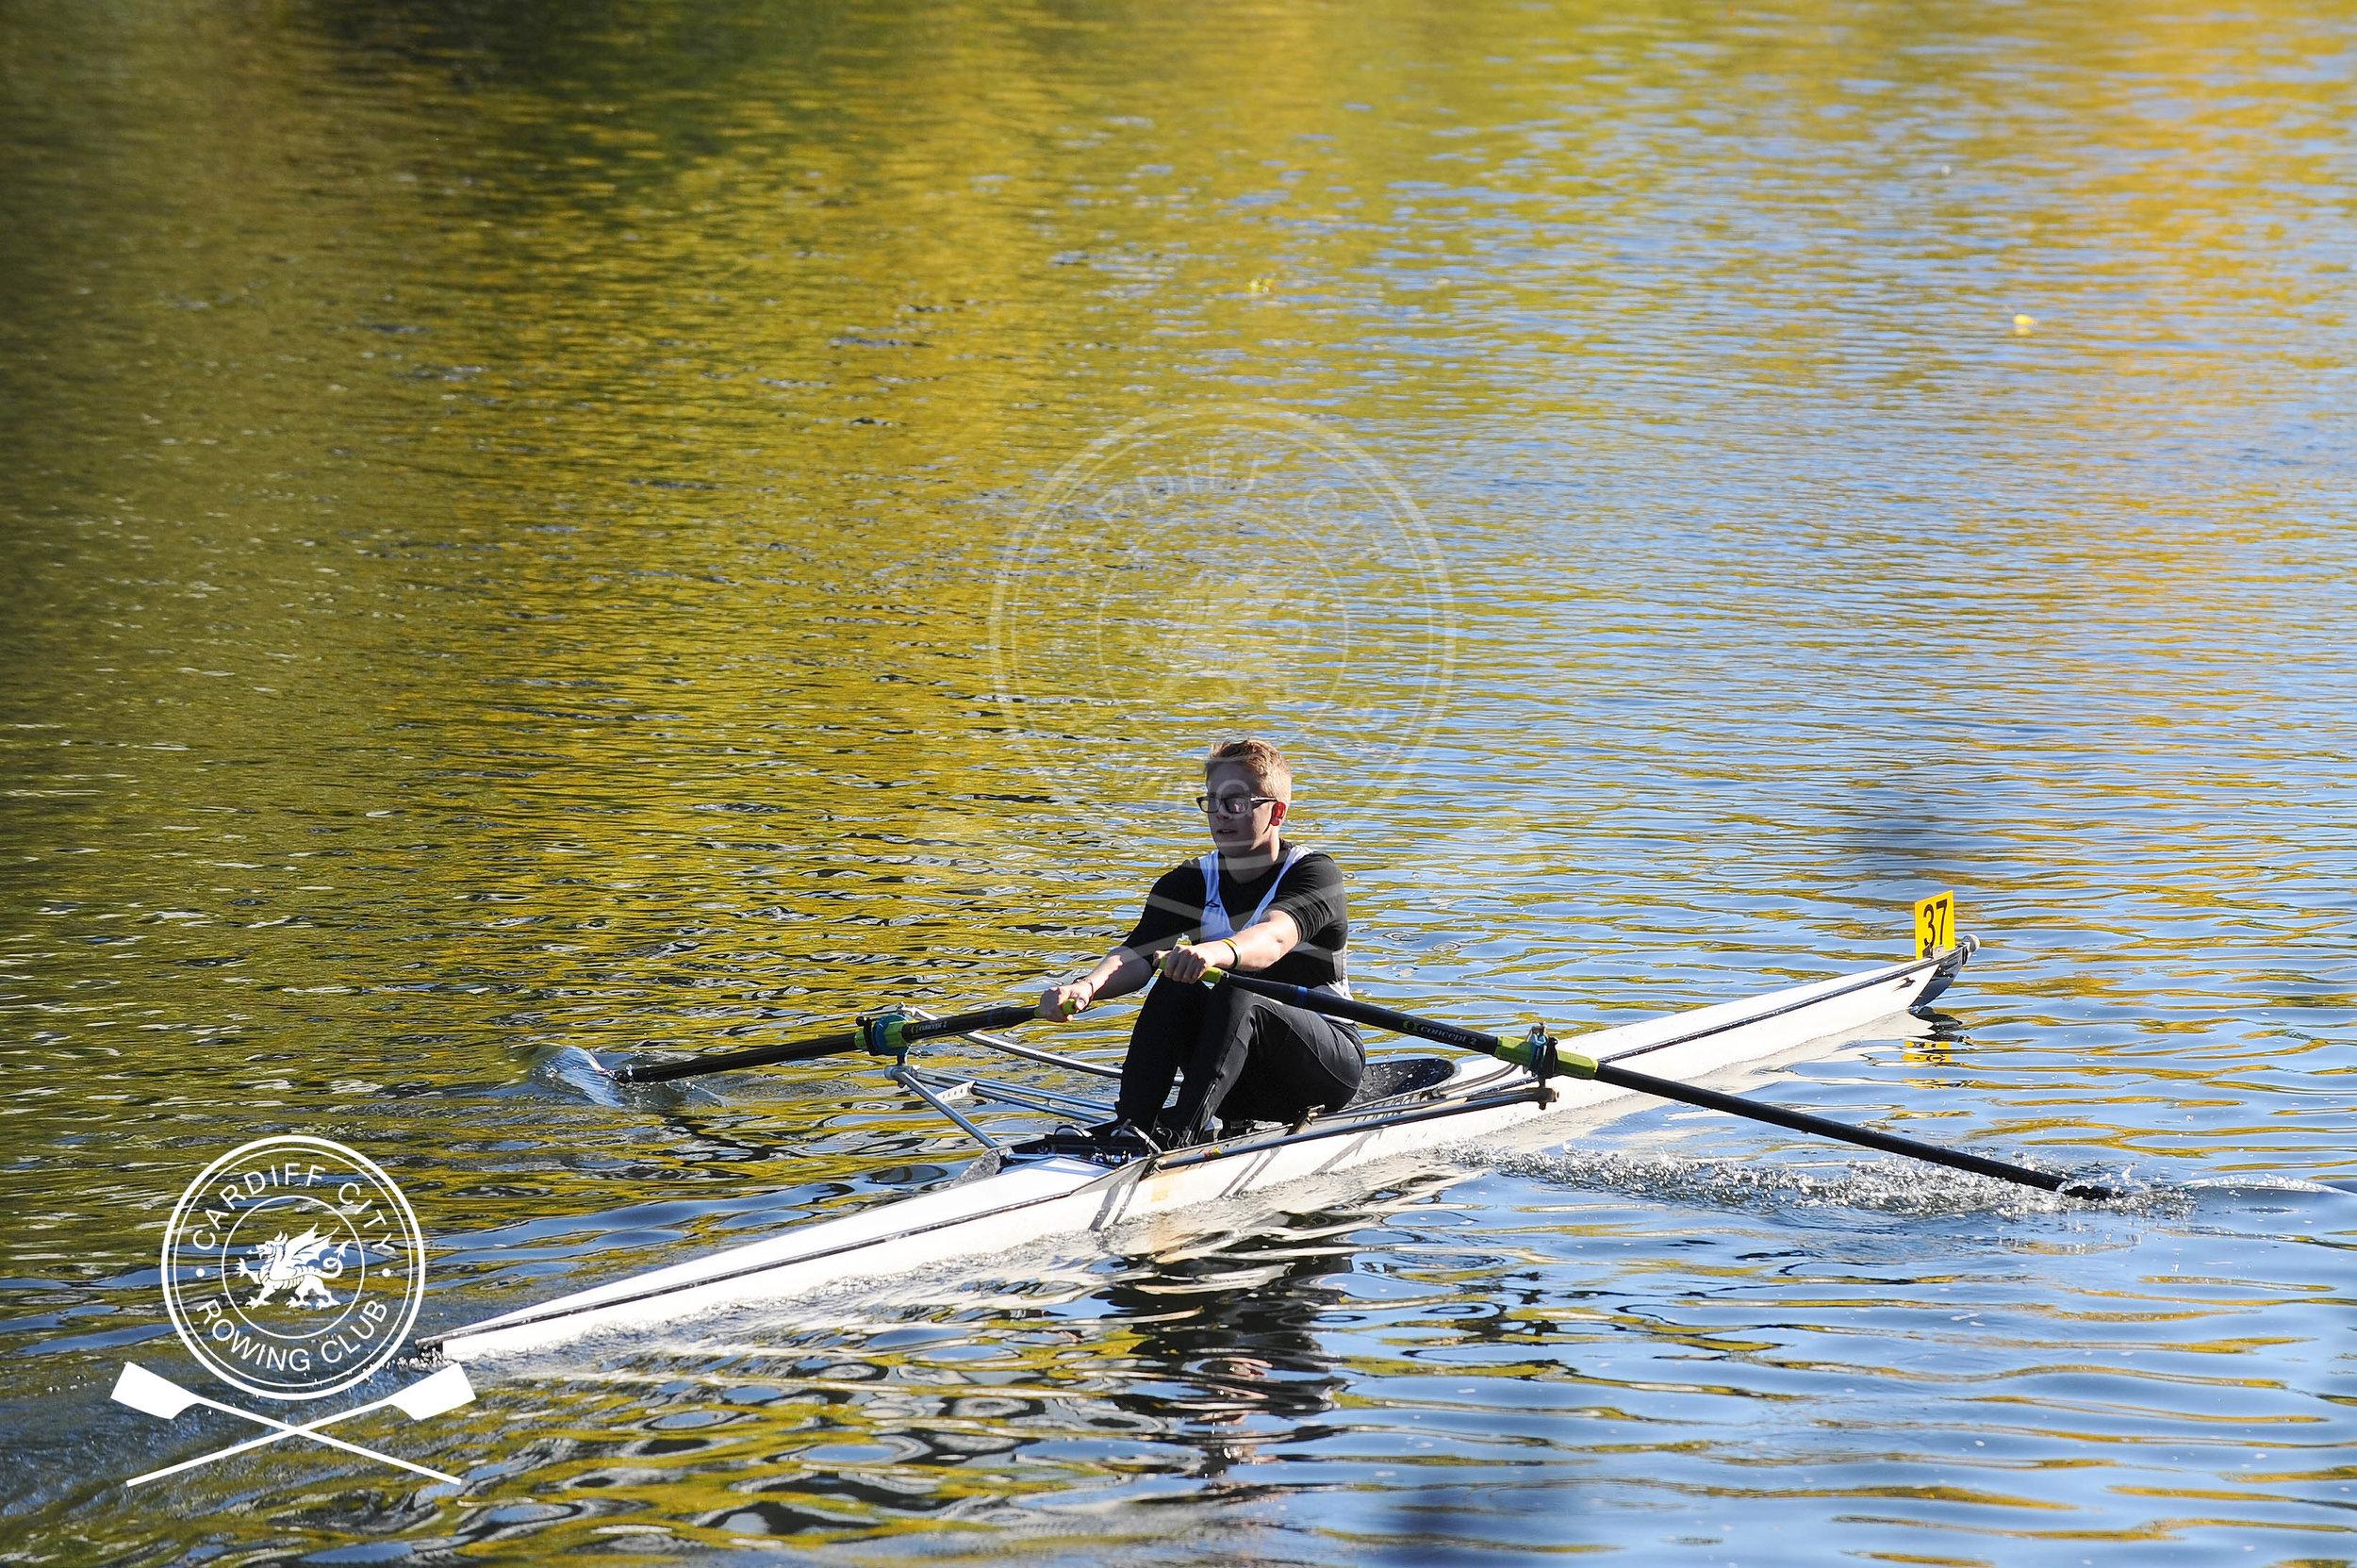 Cardiff_City_Head_Race_90.jpg